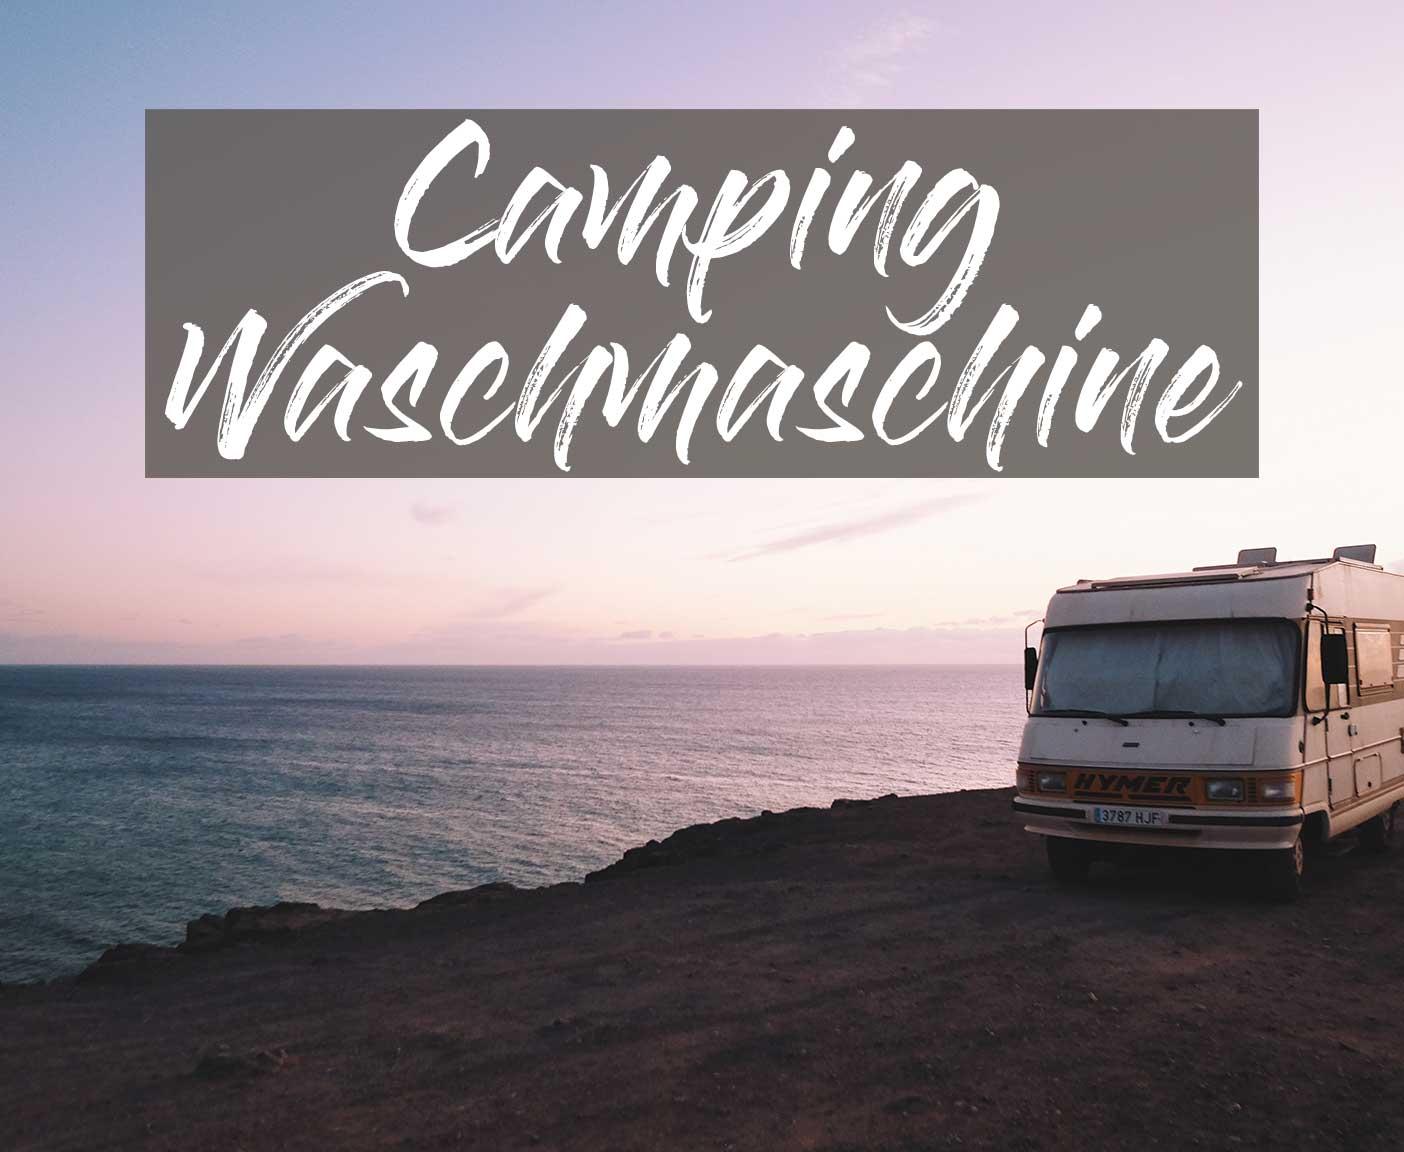 camping-waschmaschine-test-schleuder-ohne-strom-12v-wohnwagen-erfahrung-guenstig